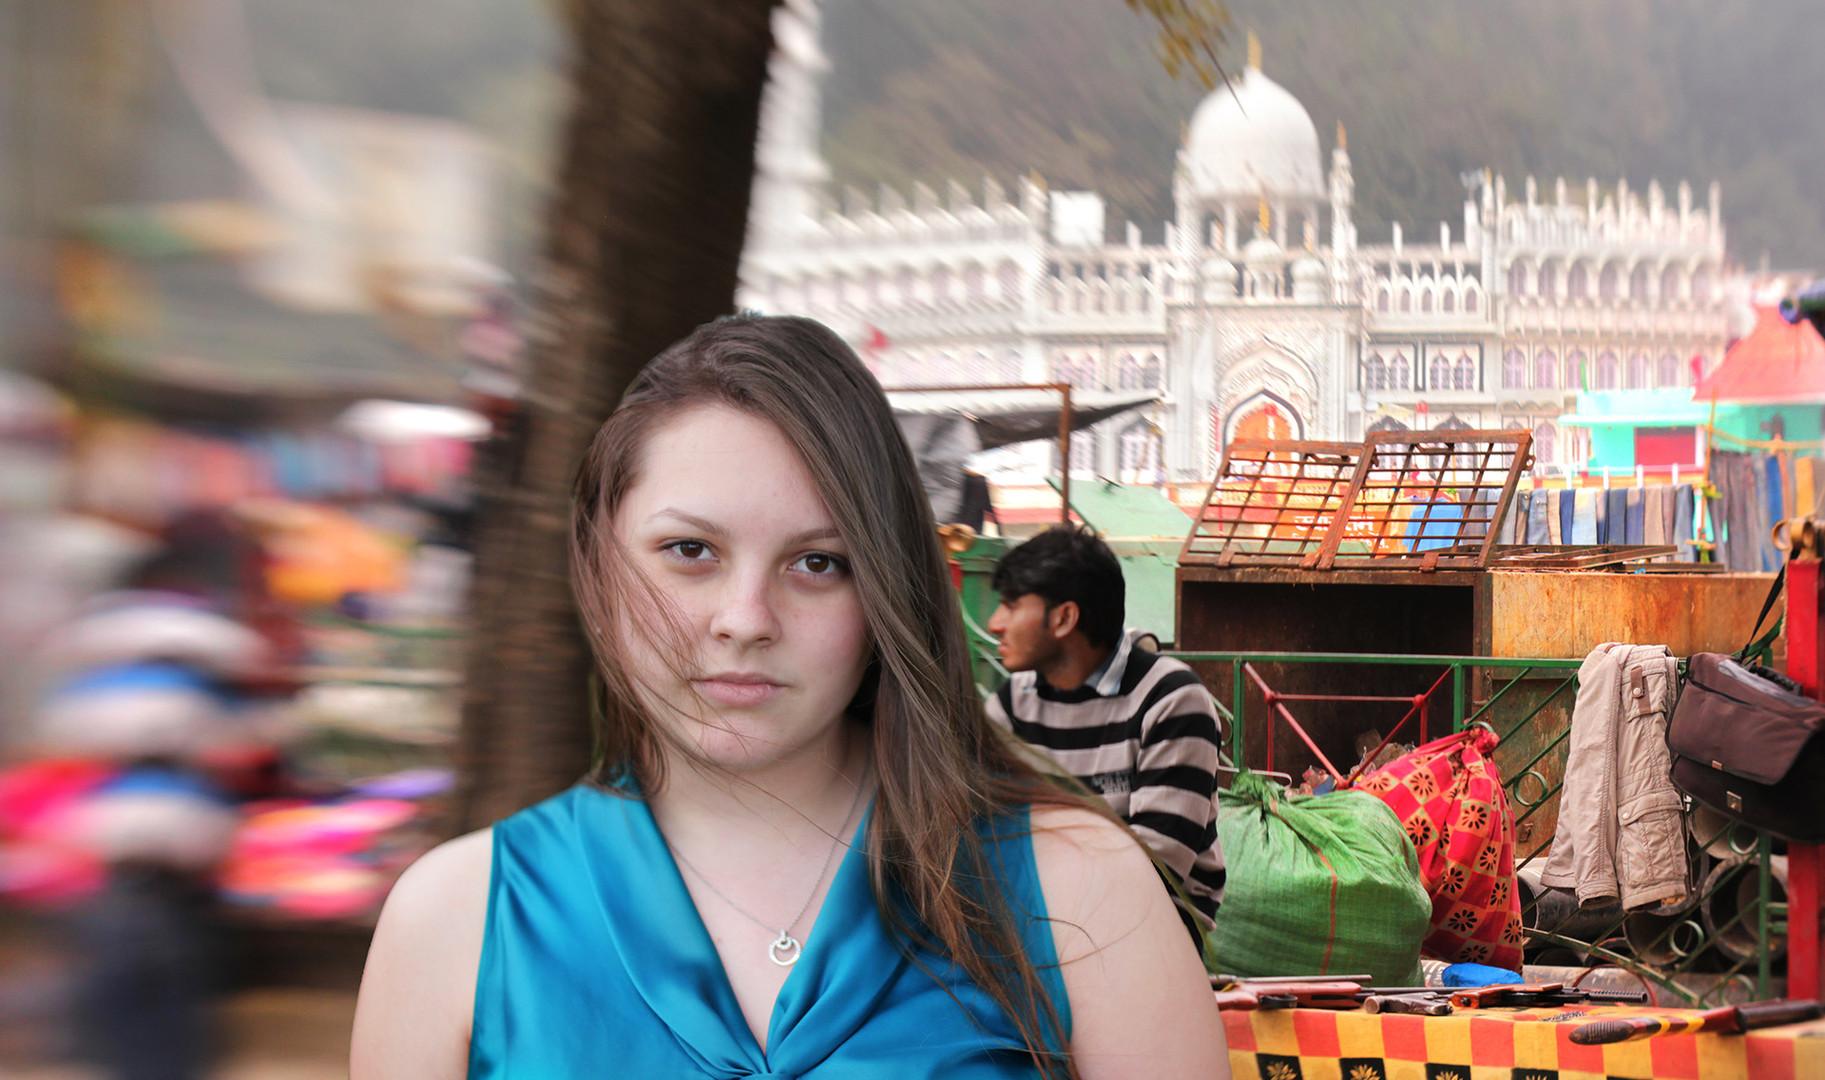 Nanital India